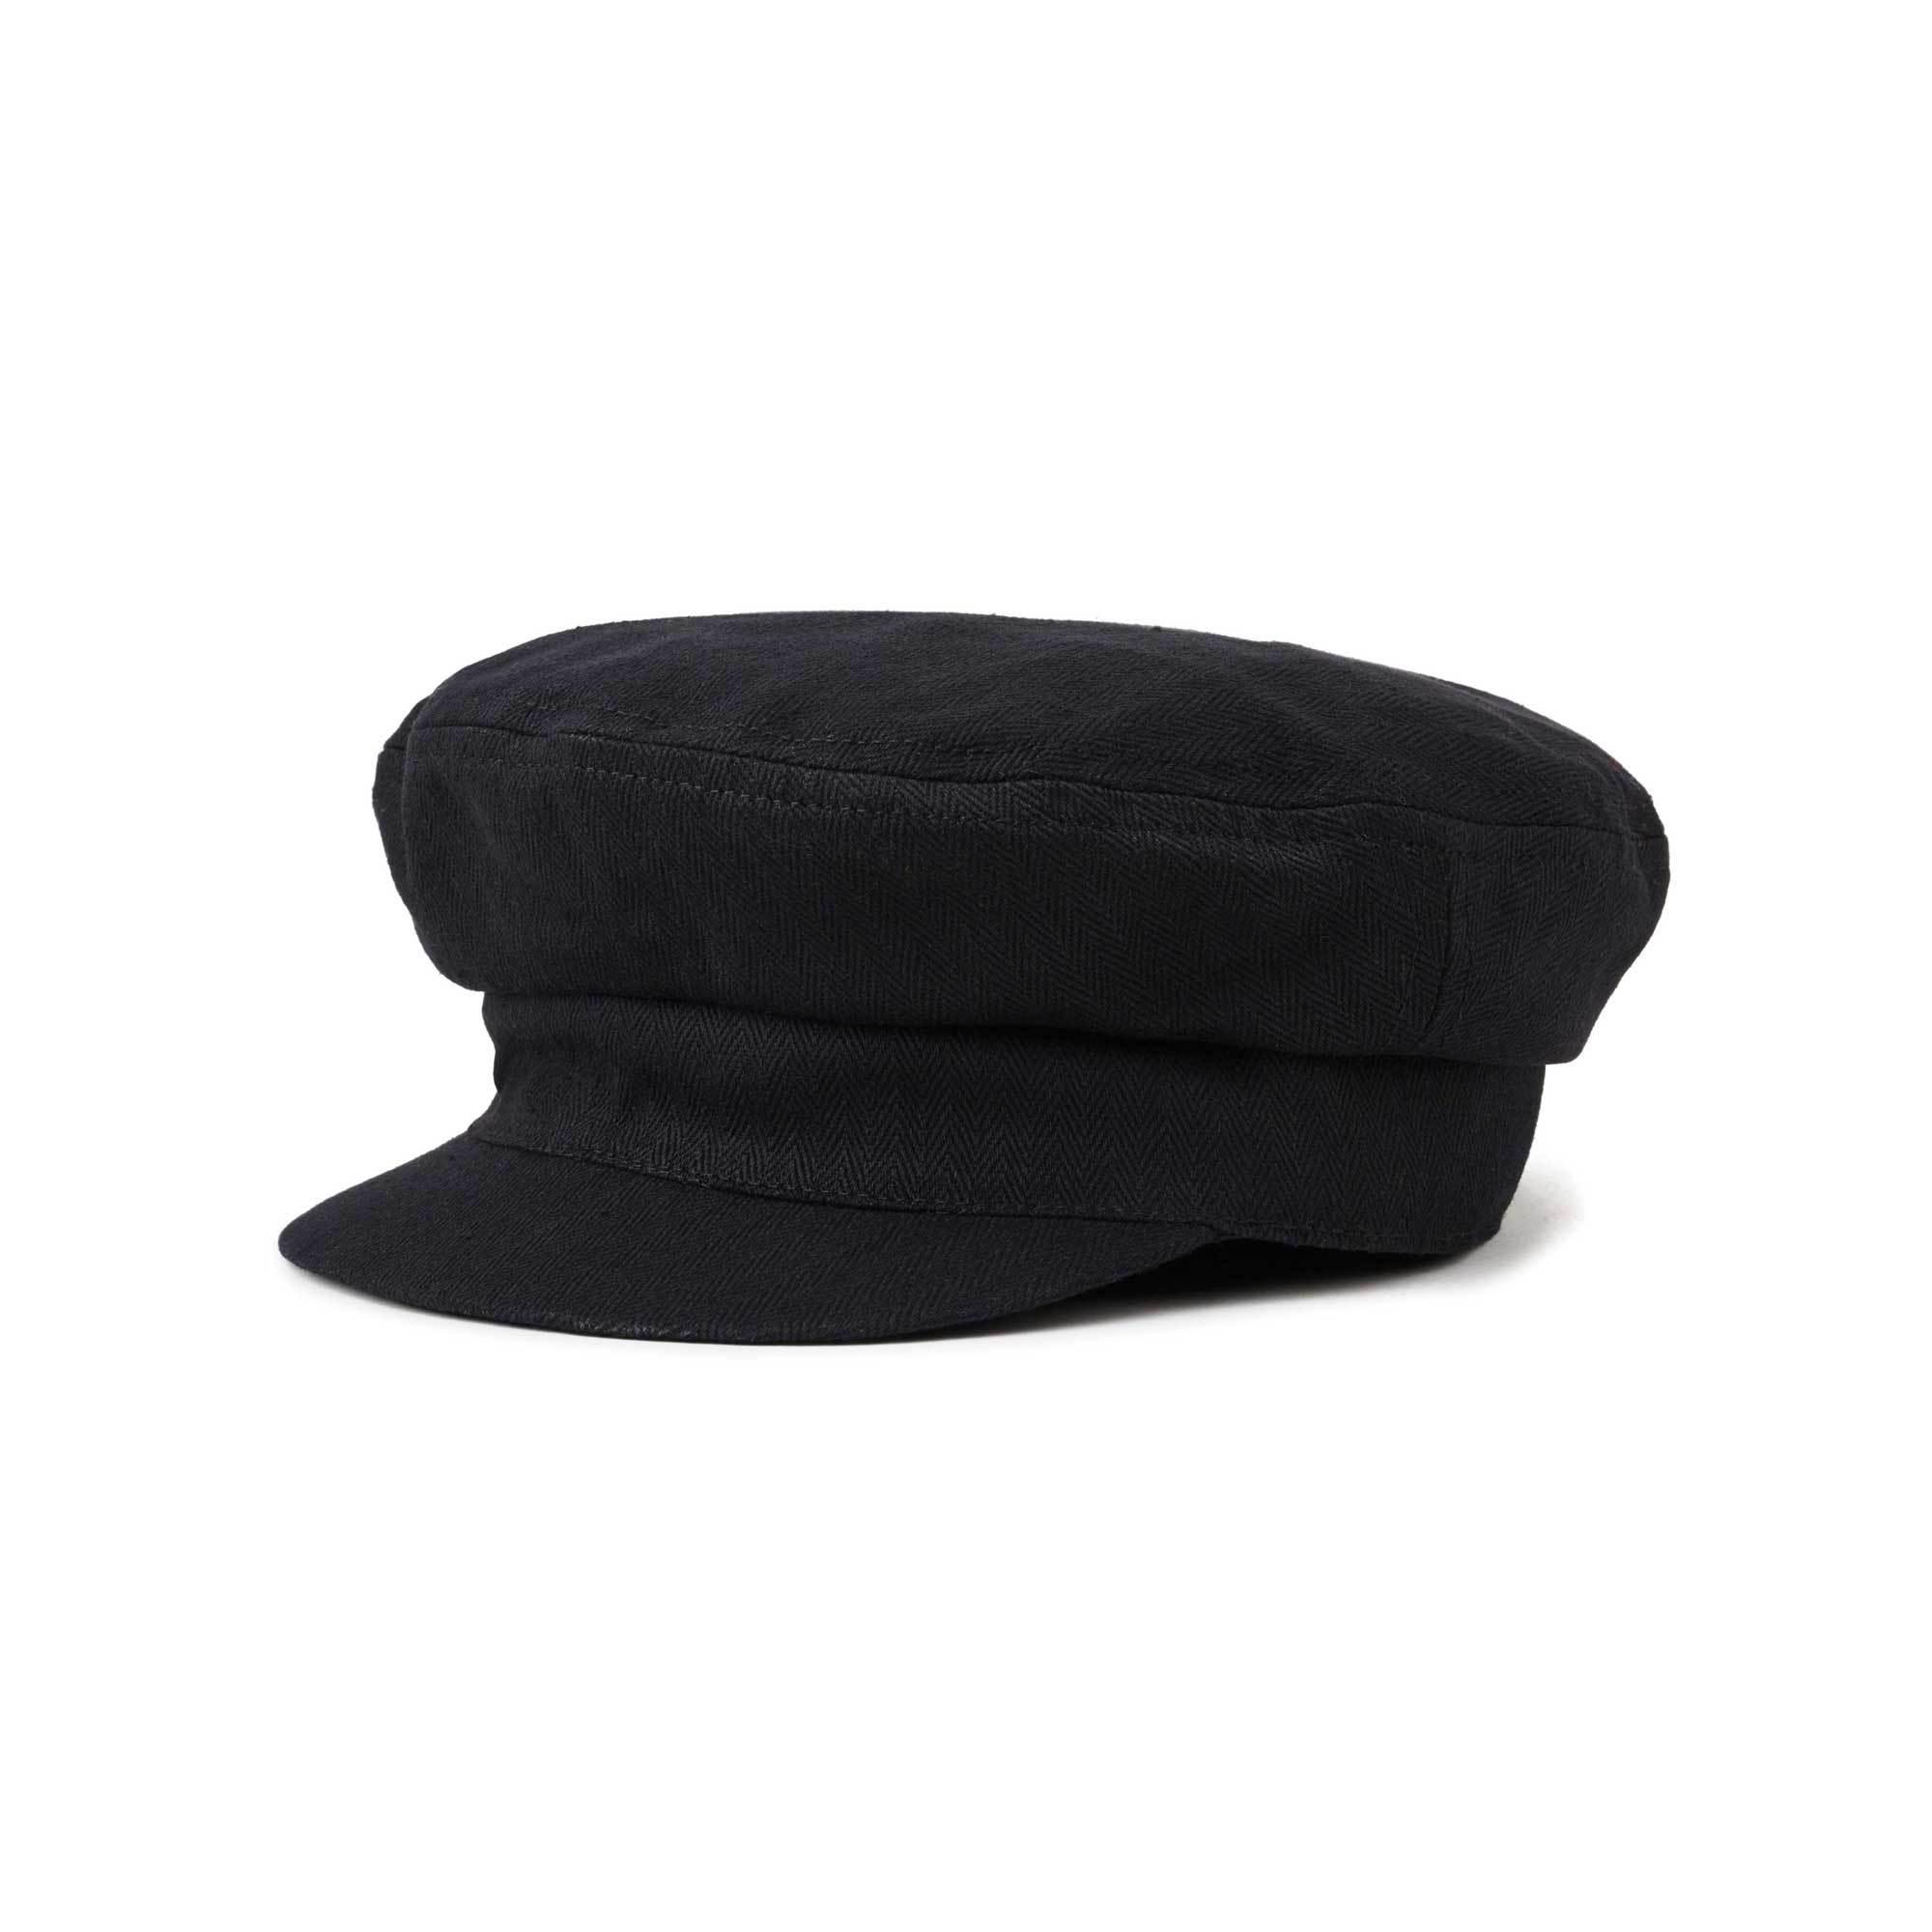 Lyst - Brixton Lil Fiddler Kids Hat in Black for Men 9213f745115